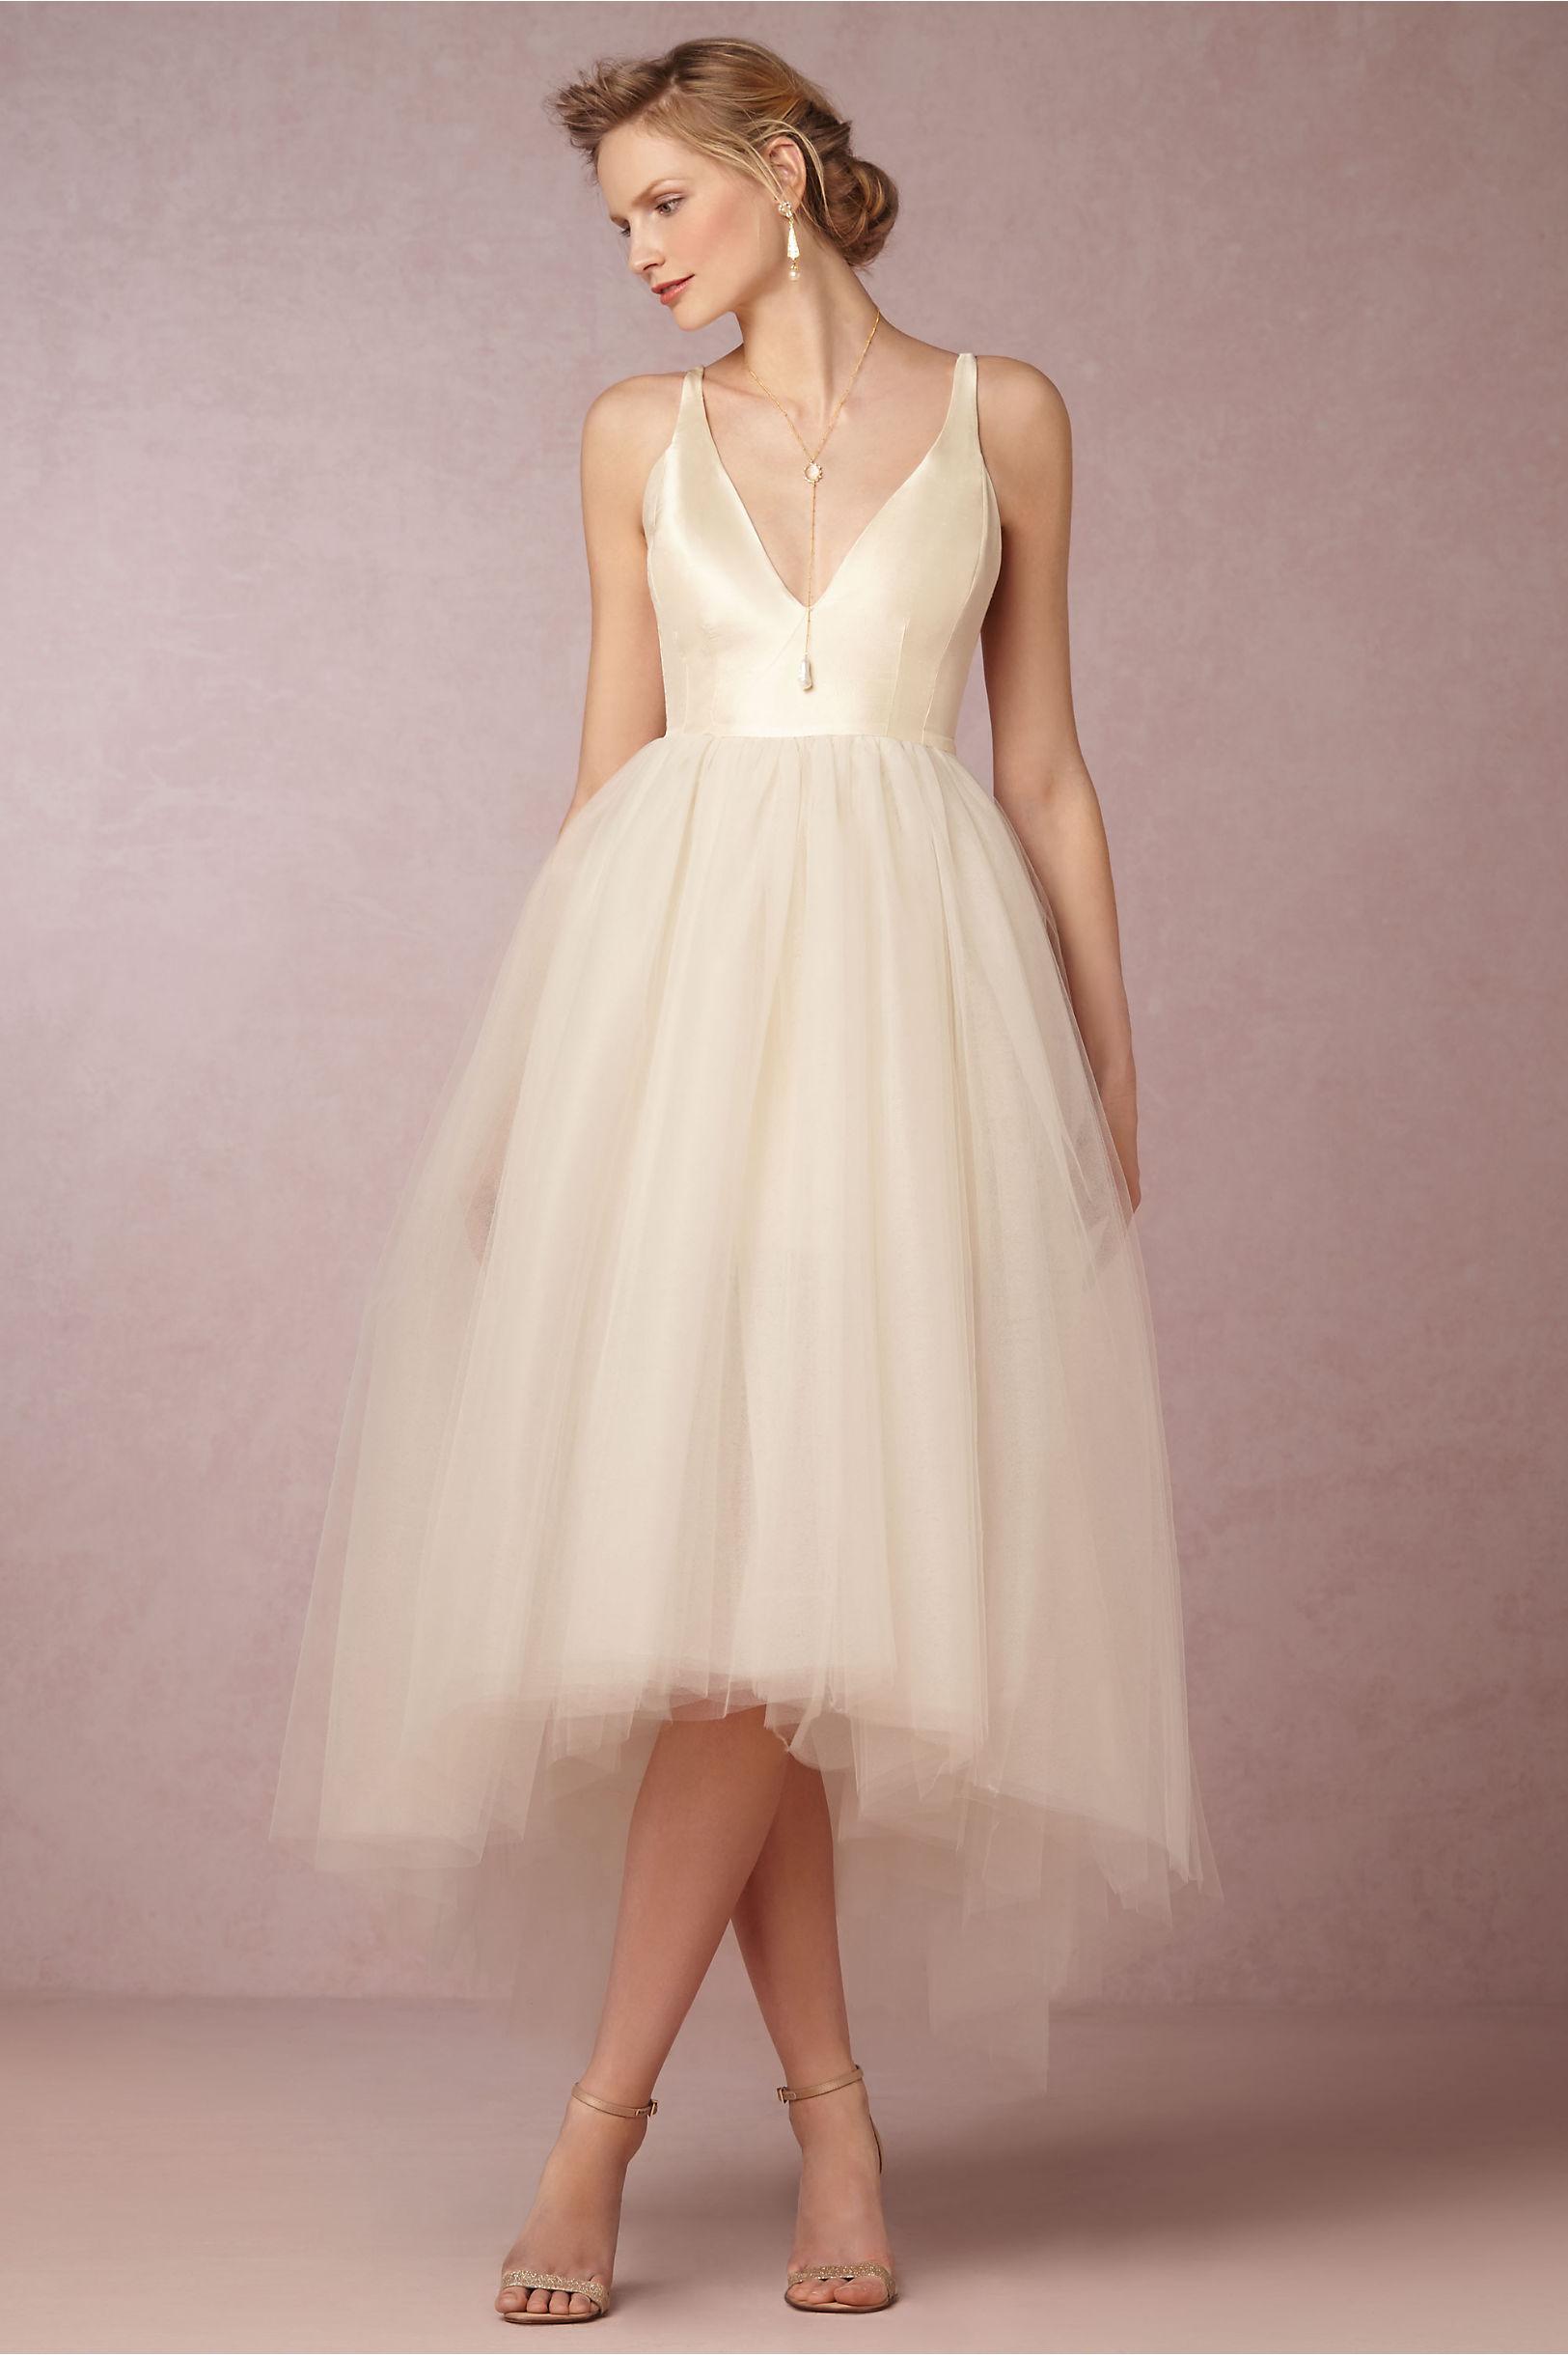 Gillian Tulle Dress in Occasion Dresses | BHLDN